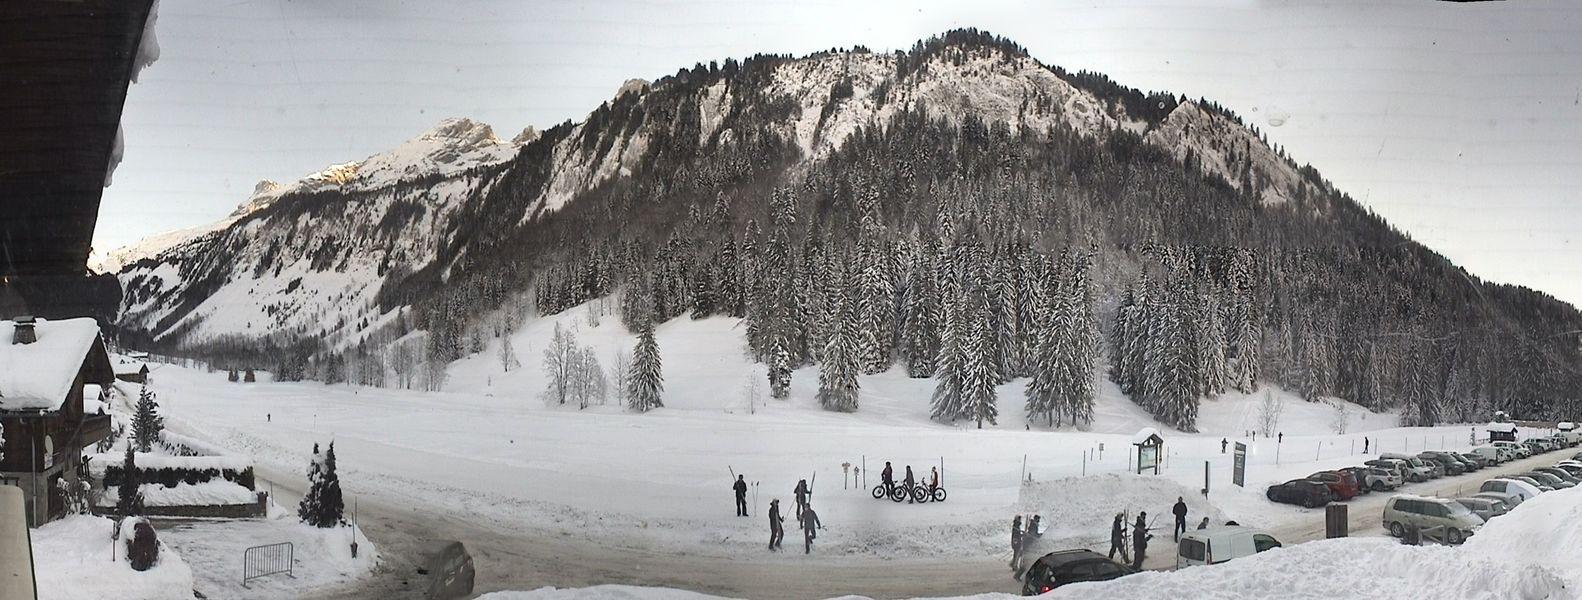 webcam Le Grand-Bornand